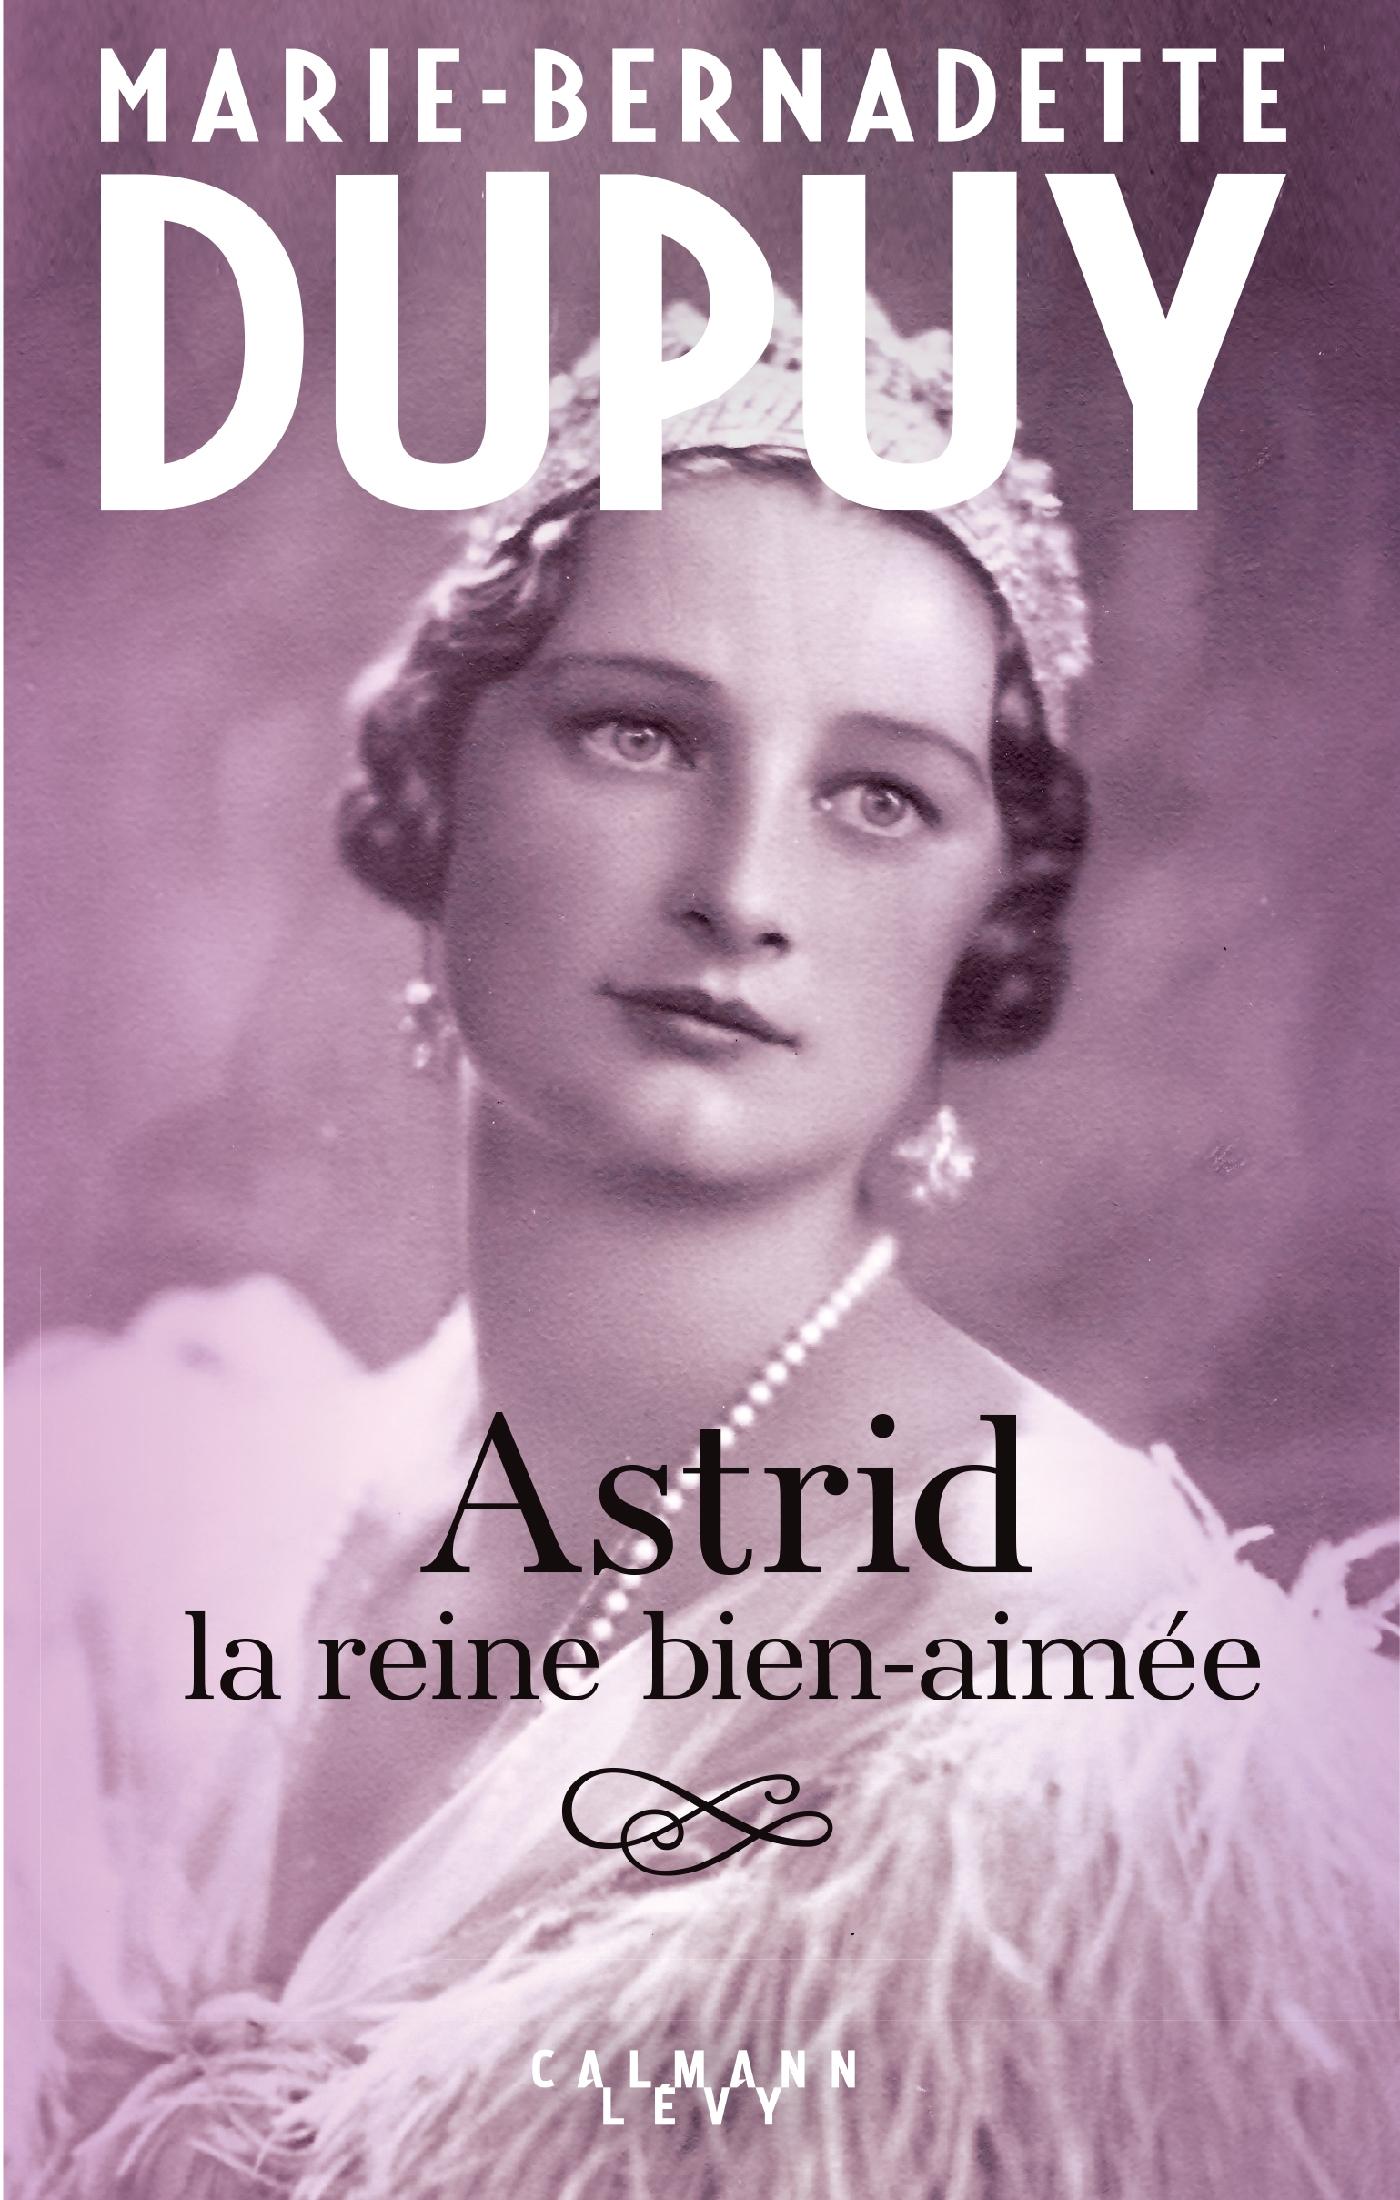 Astrid, la reine bien aimée | Dupuy, Marie-Bernadette. Auteur